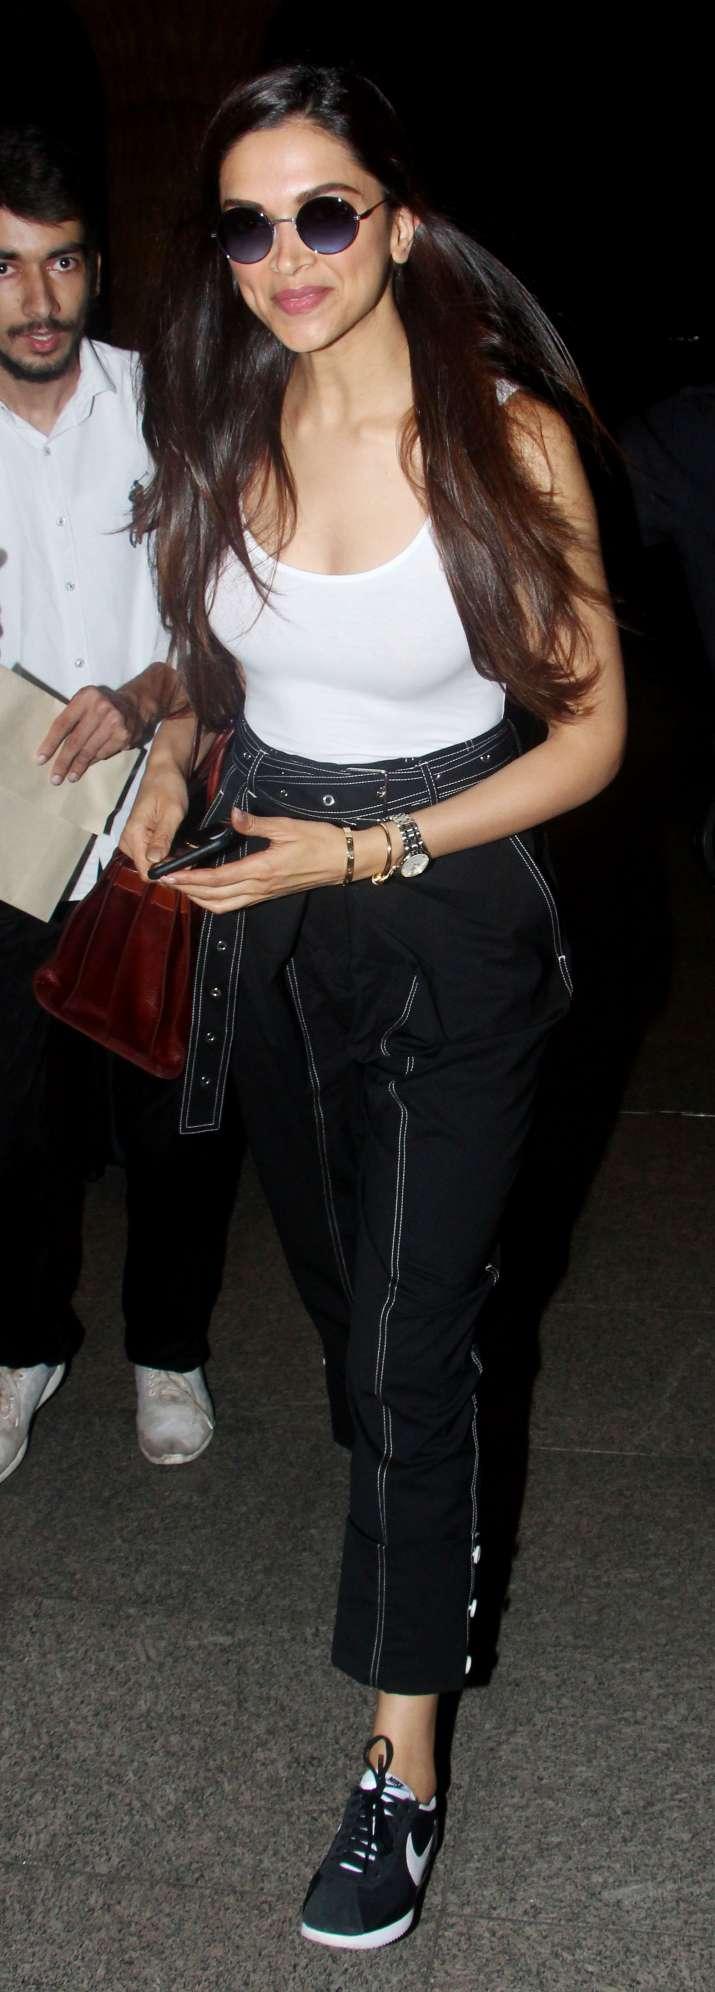 India Tv - Bollywood actress Deepika Padukone